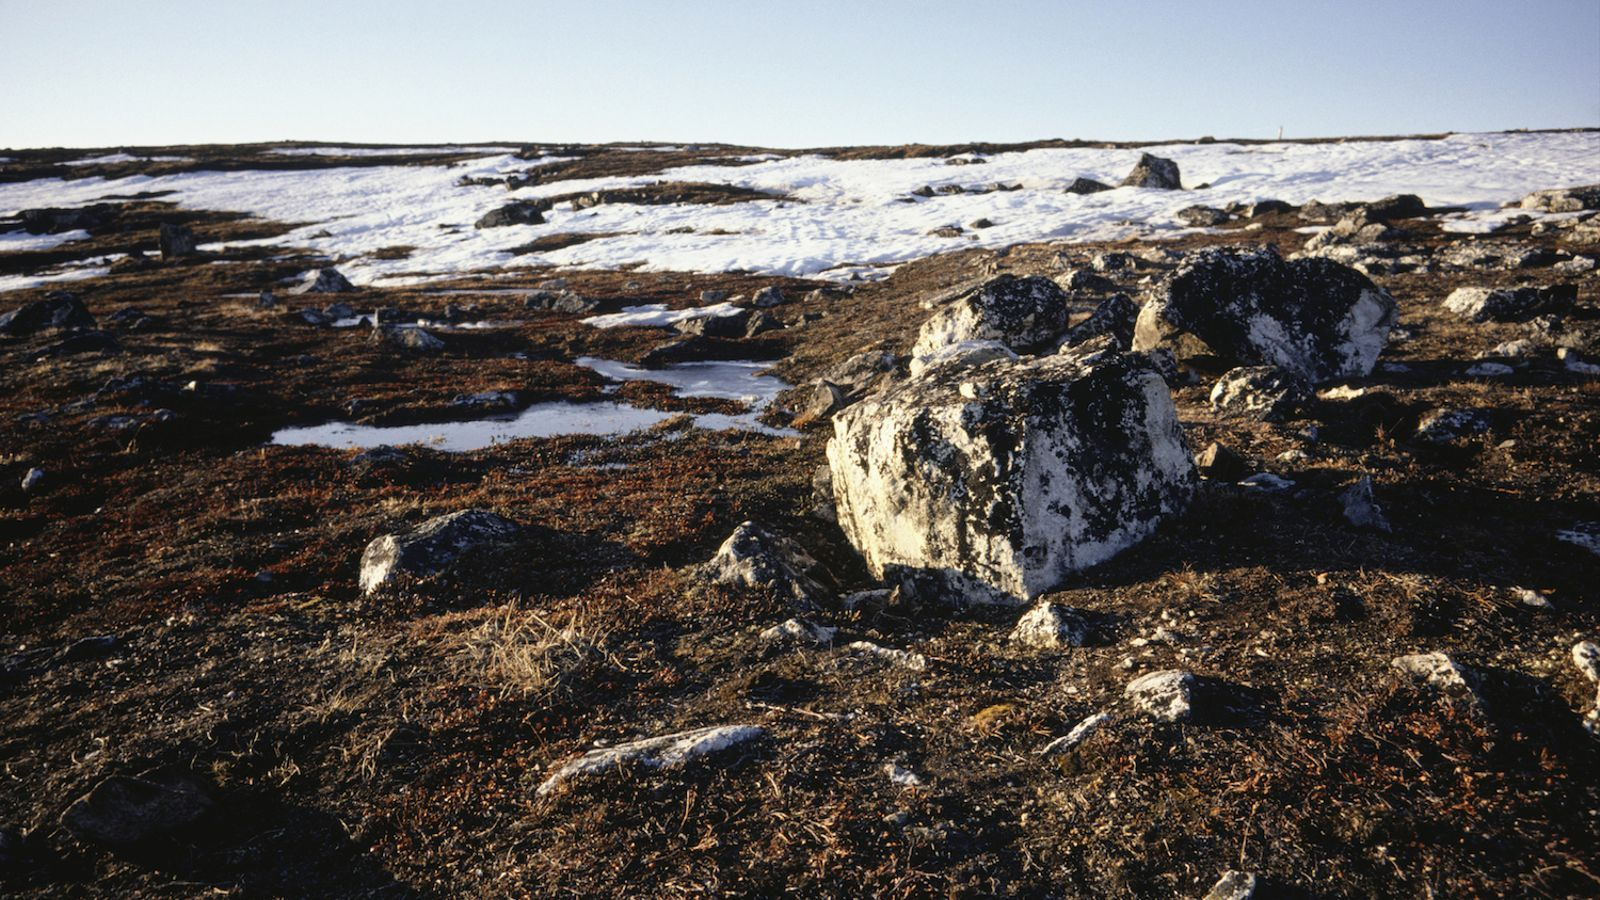 En moltes zones la tundra està cedint espai als boscos boreals